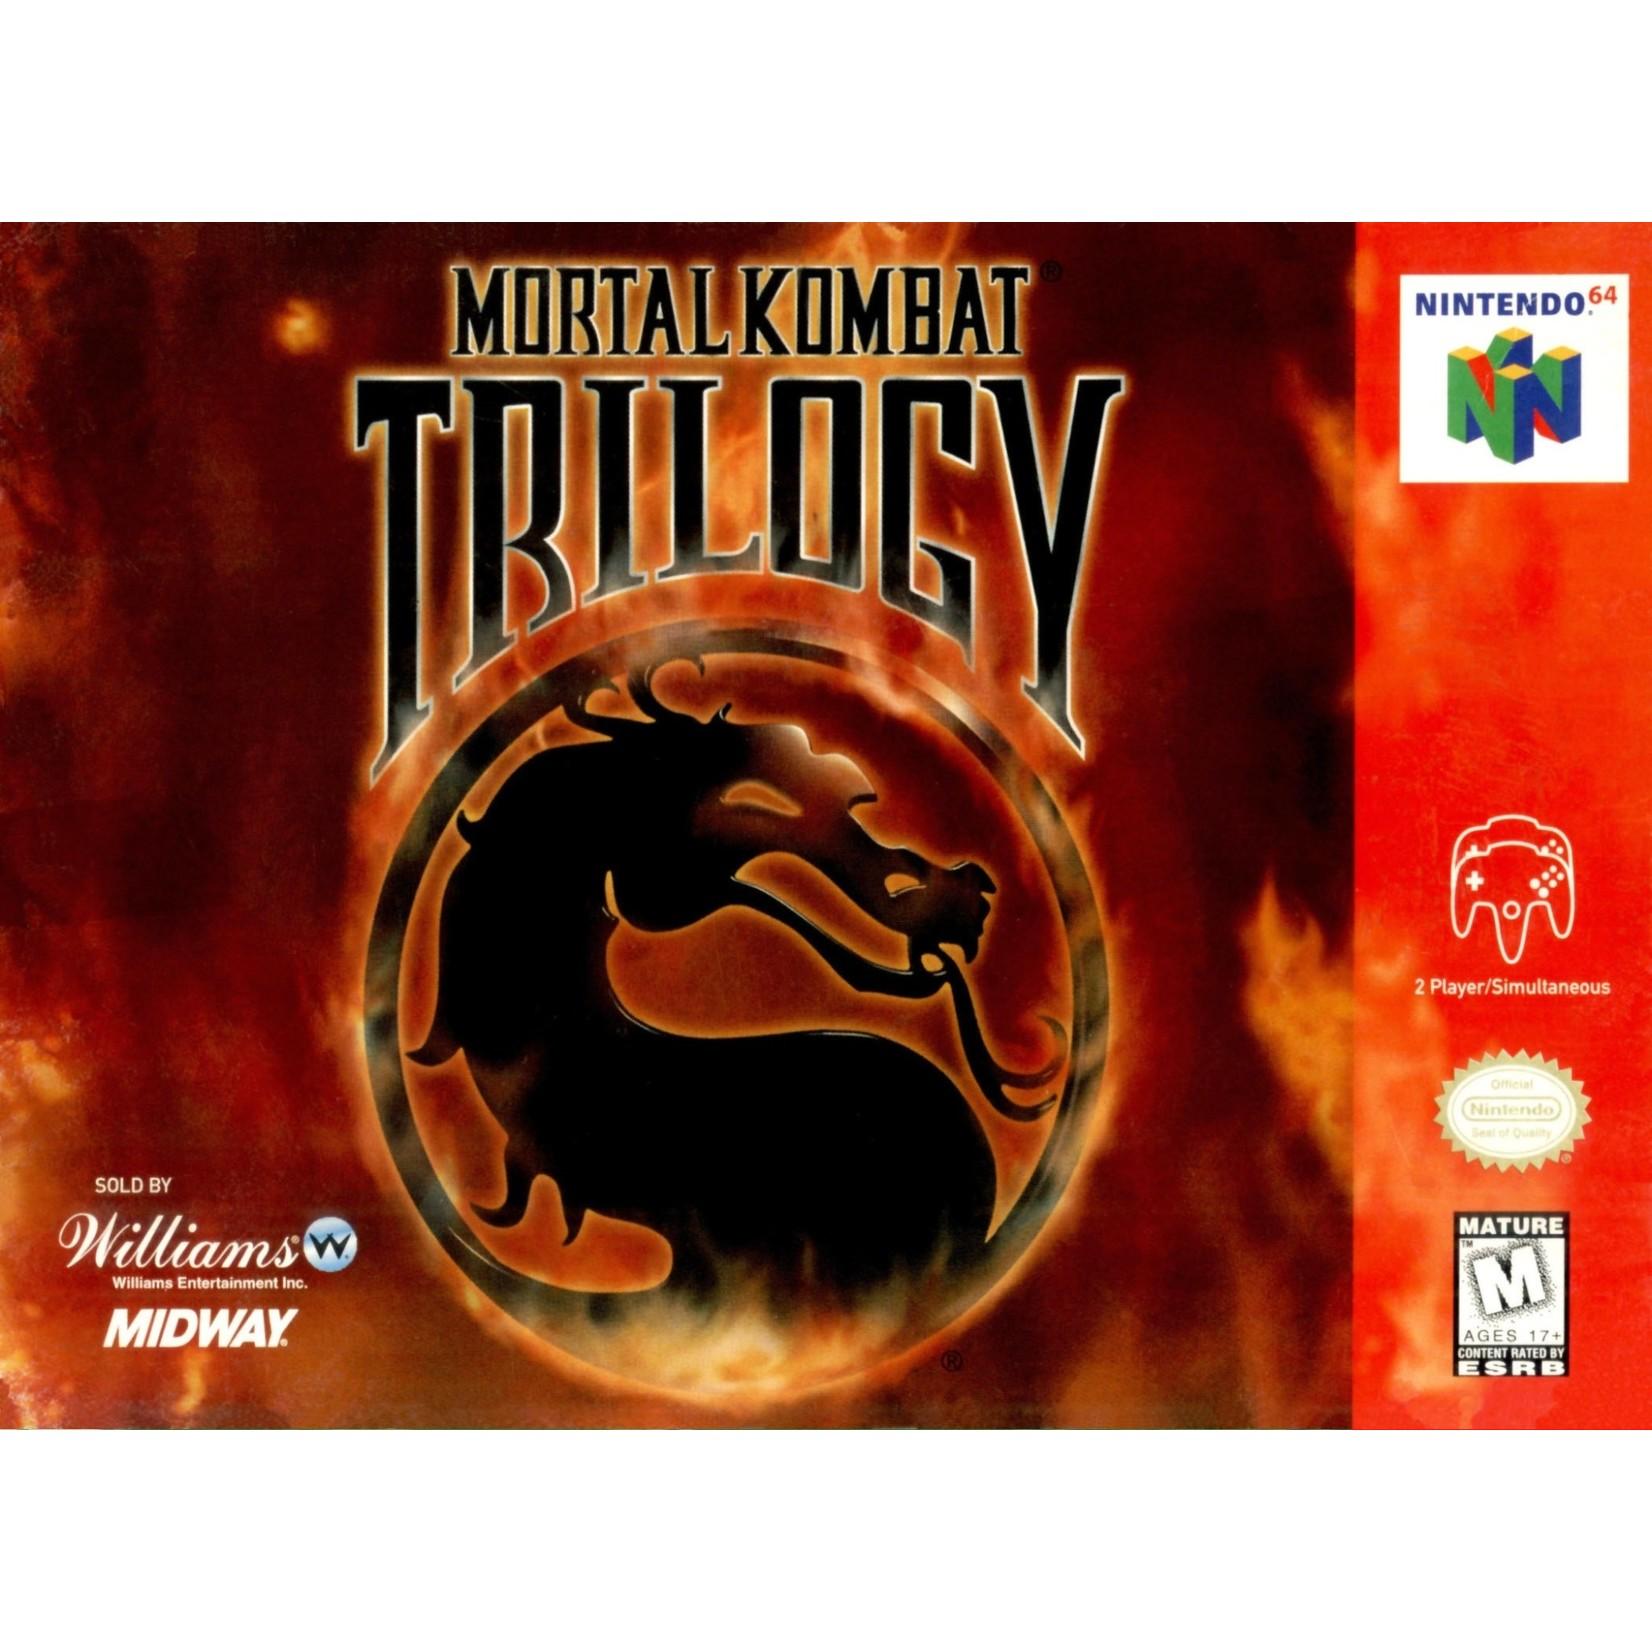 N64U-Mortal Kombat Trilogy (boxed)